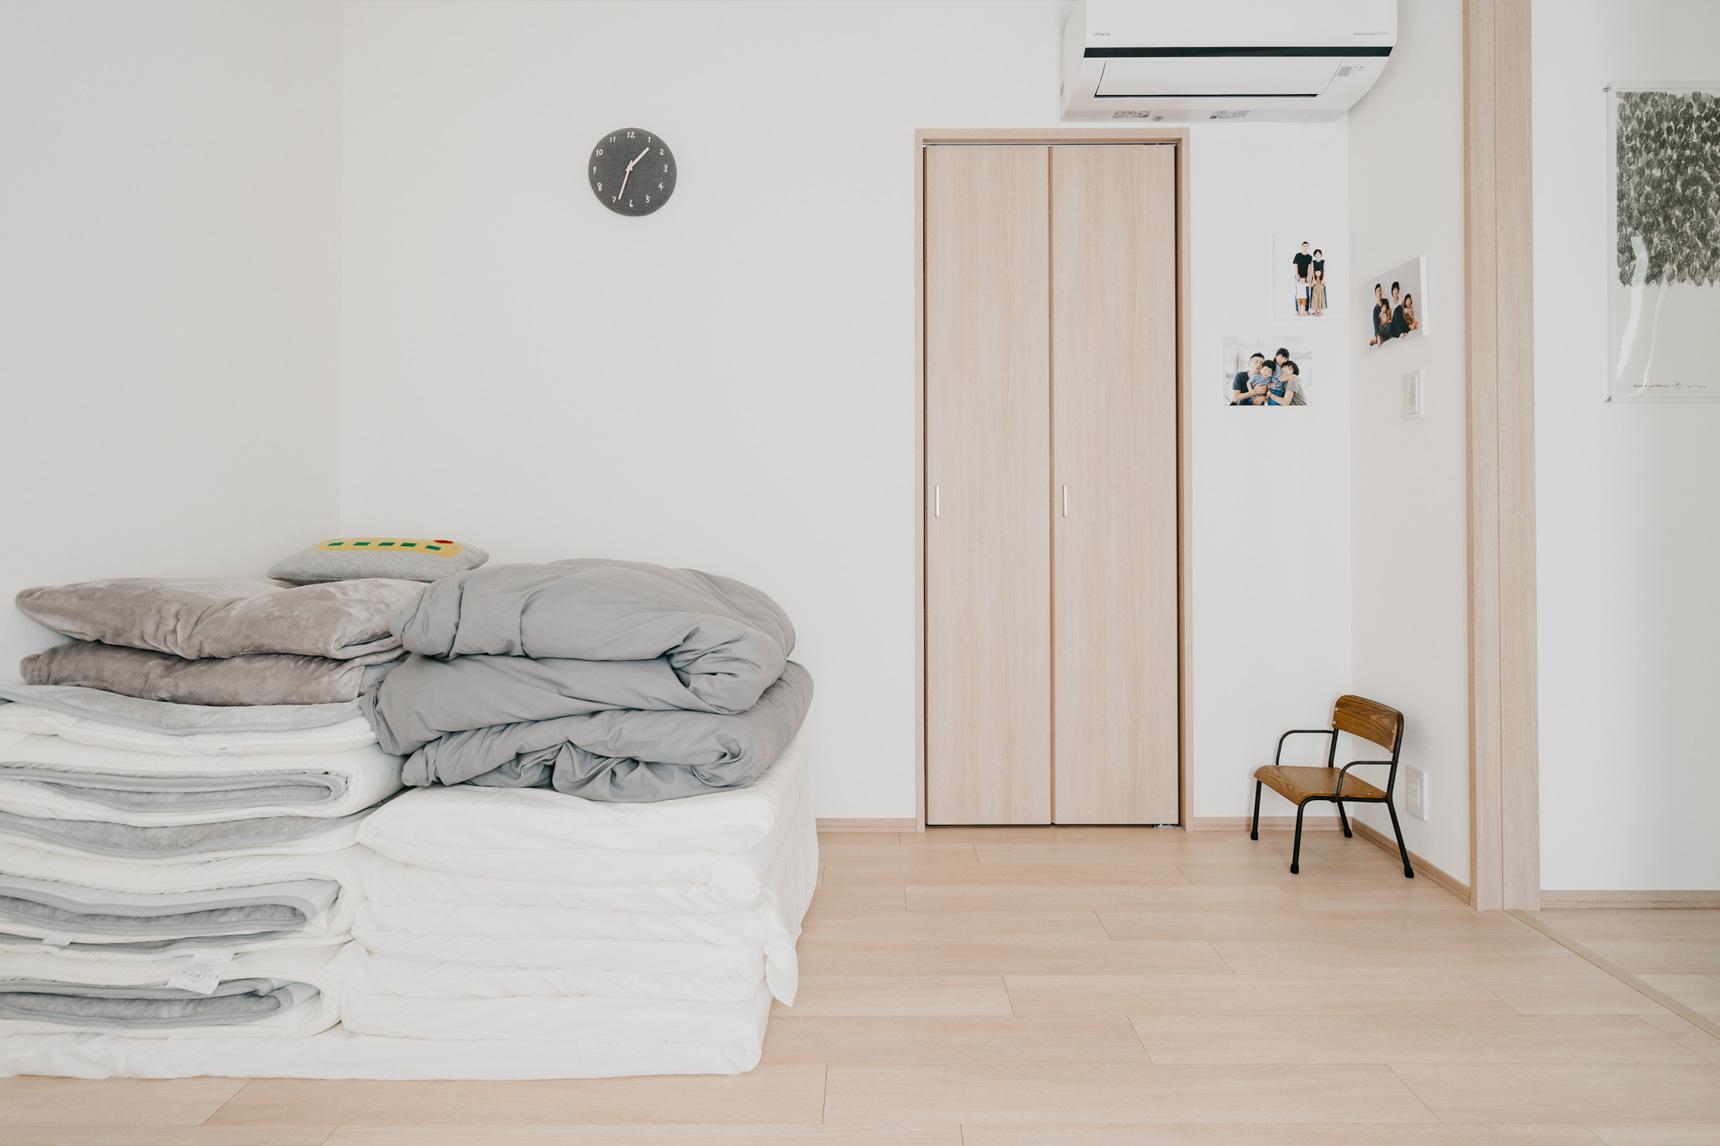 寝室も、とてもシンプルに整えていらっしゃいました。こちらに4人分のお布団を敷いて寝ていらっしゃいます。